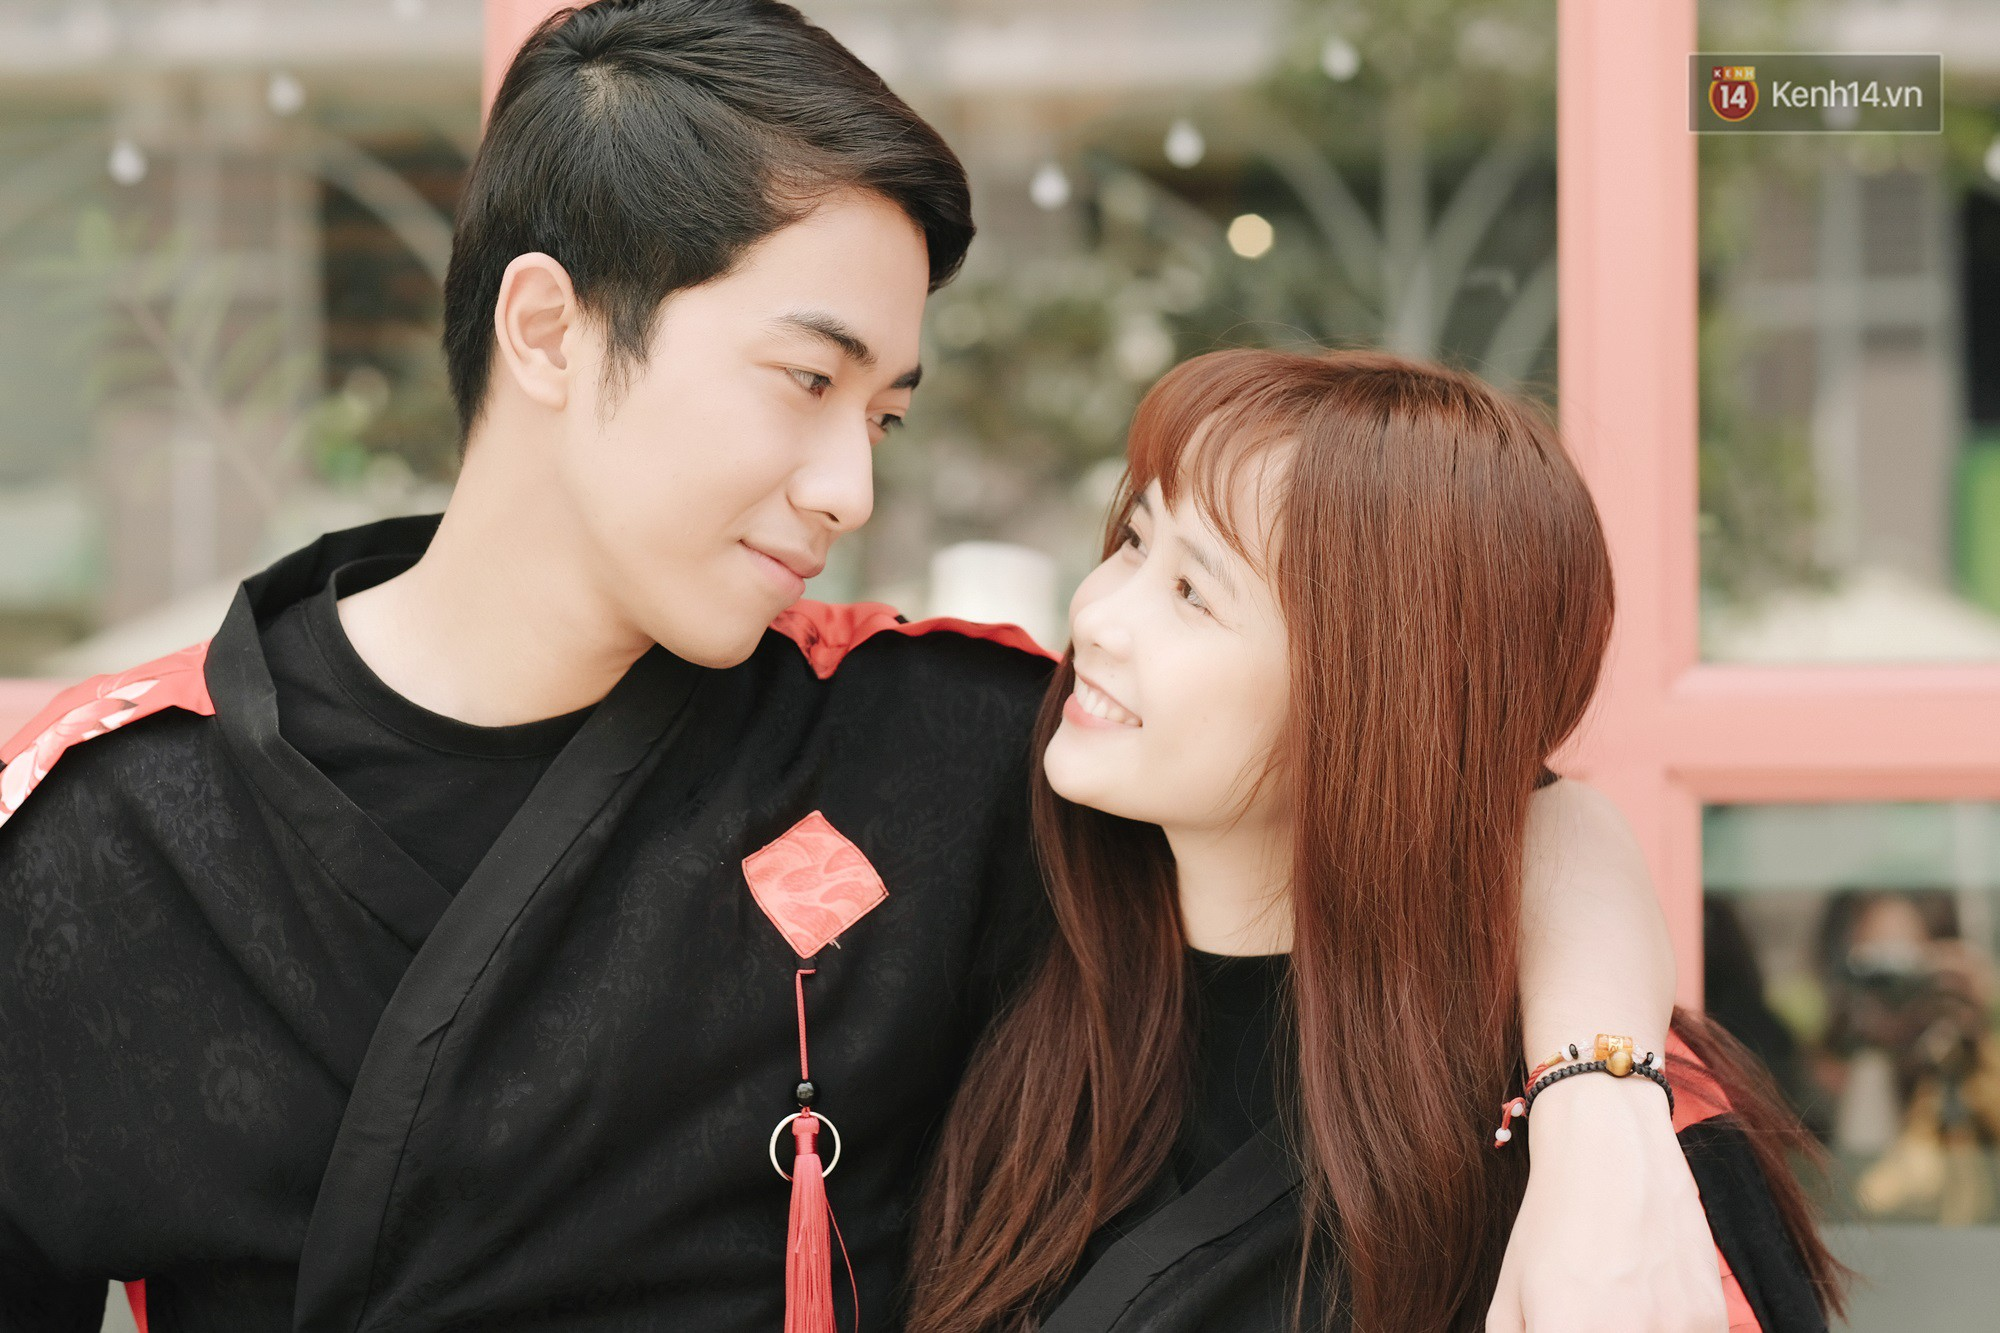 Cris Phan và hot girl FAPtv Mai Quỳnh Anh: Chuyện tình của chàng phi công nhút nhát và nàng không ngại cọc đi tìm trâu - Ảnh 10.